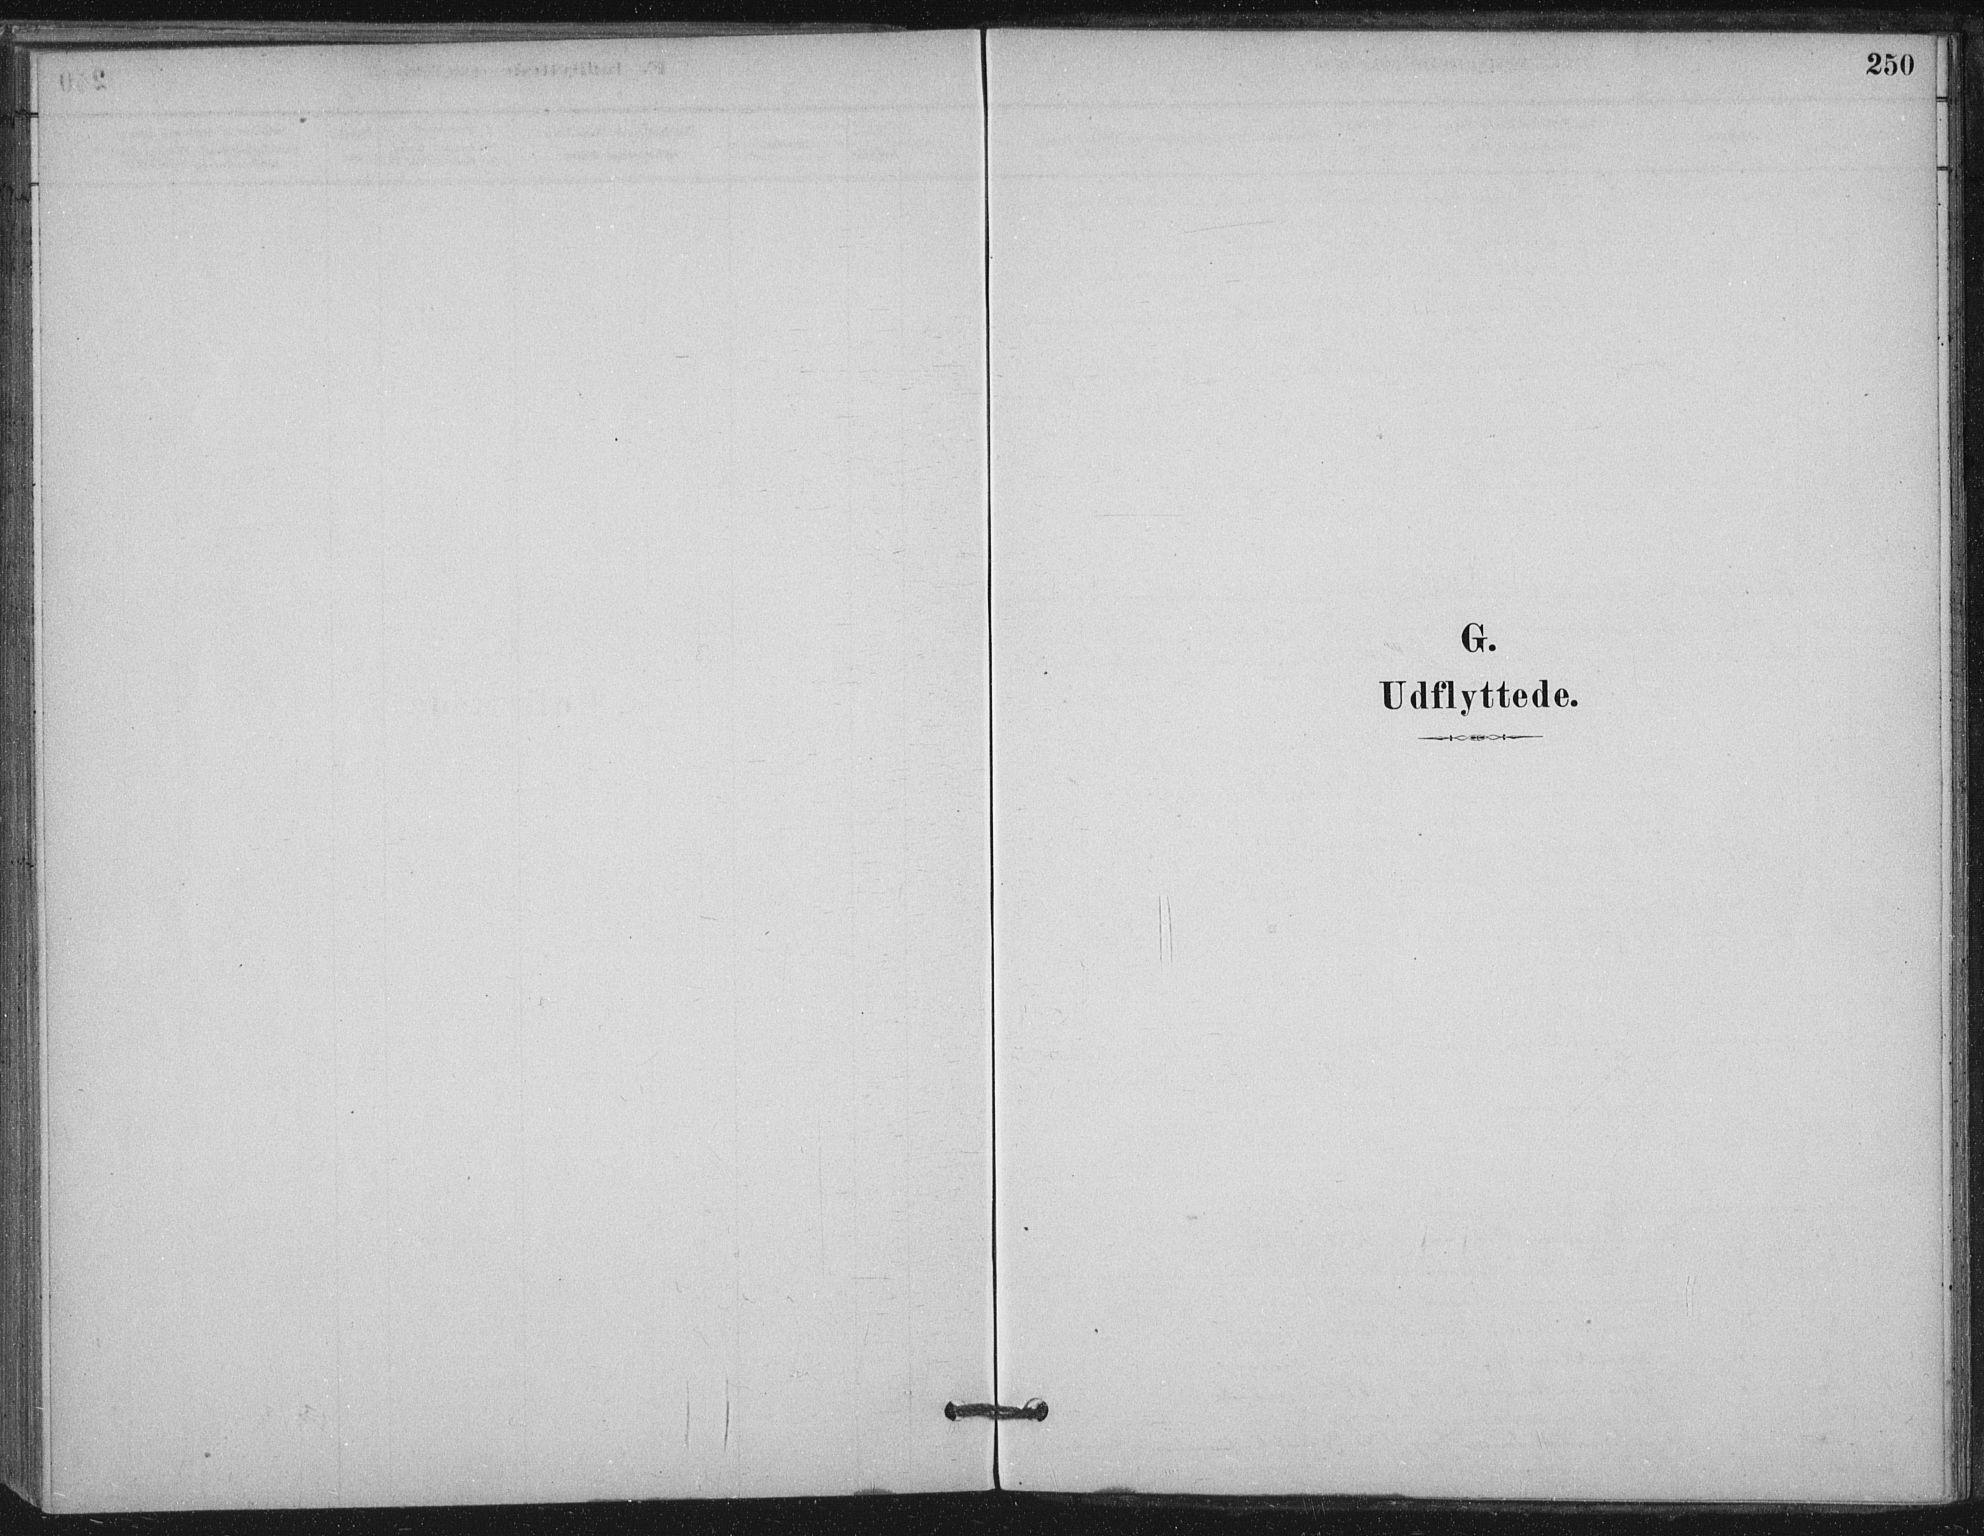 SAT, Ministerialprotokoller, klokkerbøker og fødselsregistre - Nord-Trøndelag, 710/L0095: Ministerialbok nr. 710A01, 1880-1914, s. 250